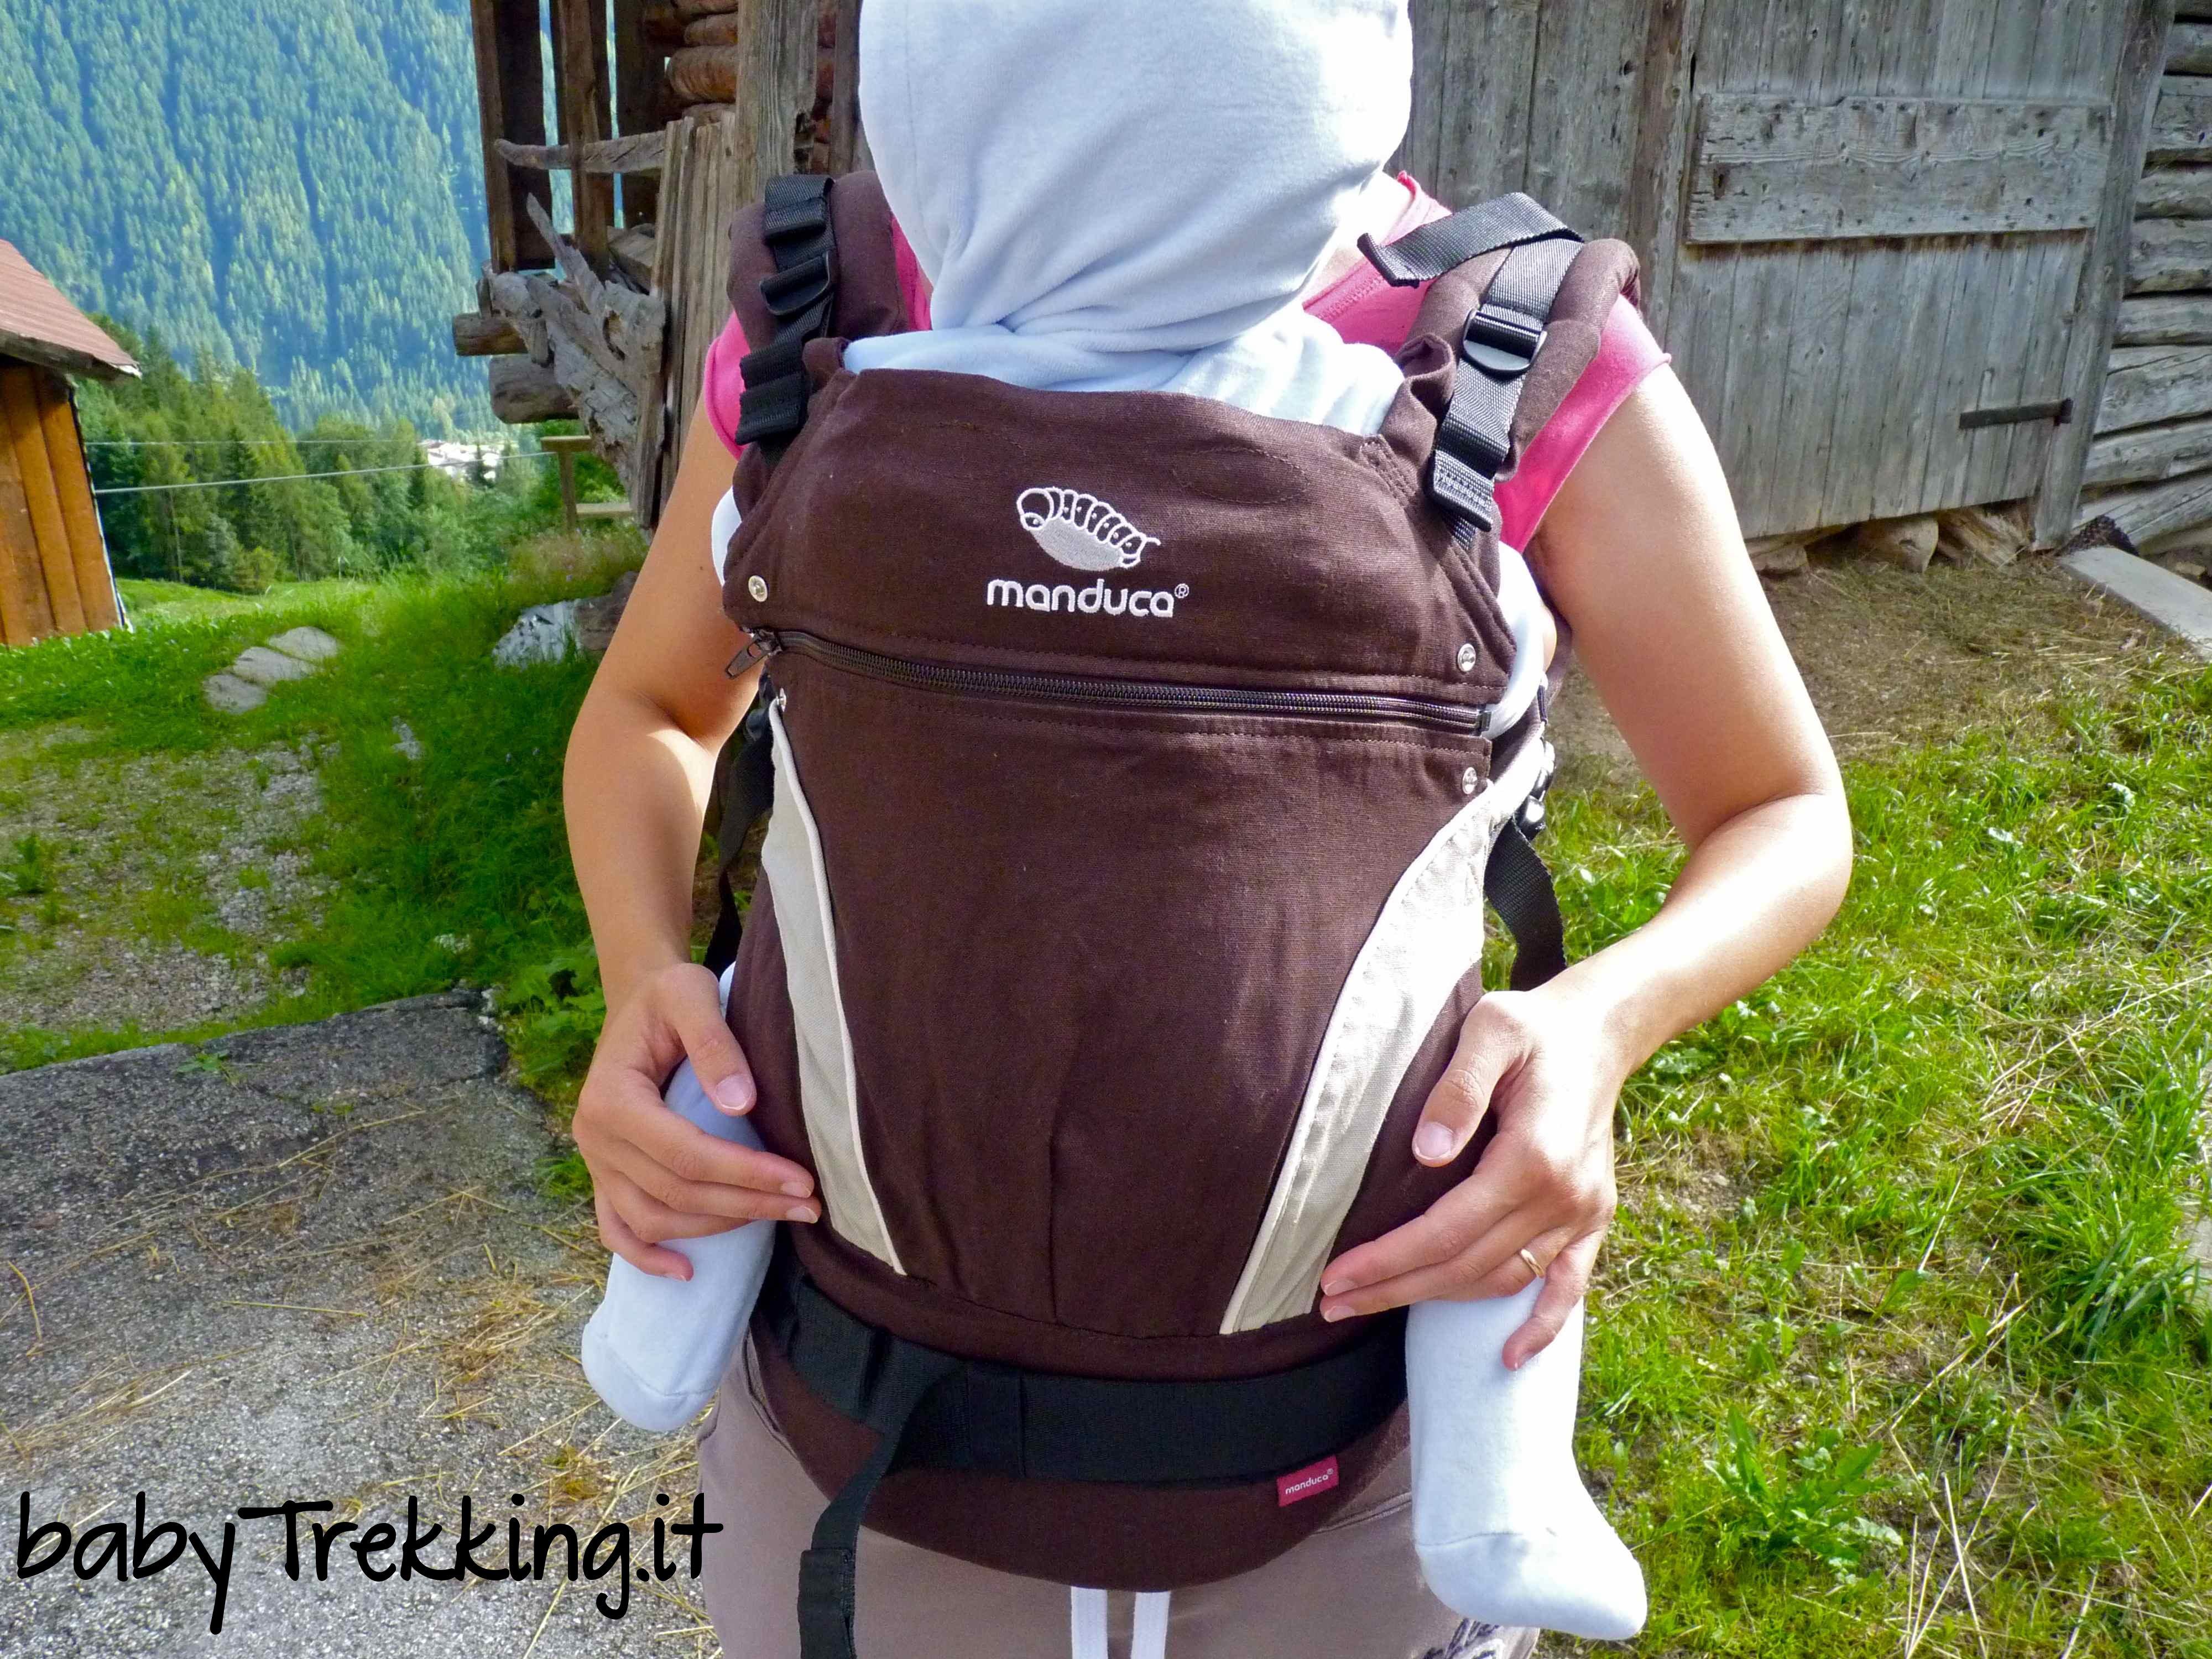 Manduca, il marsupio ergonomico ideale per il trekking